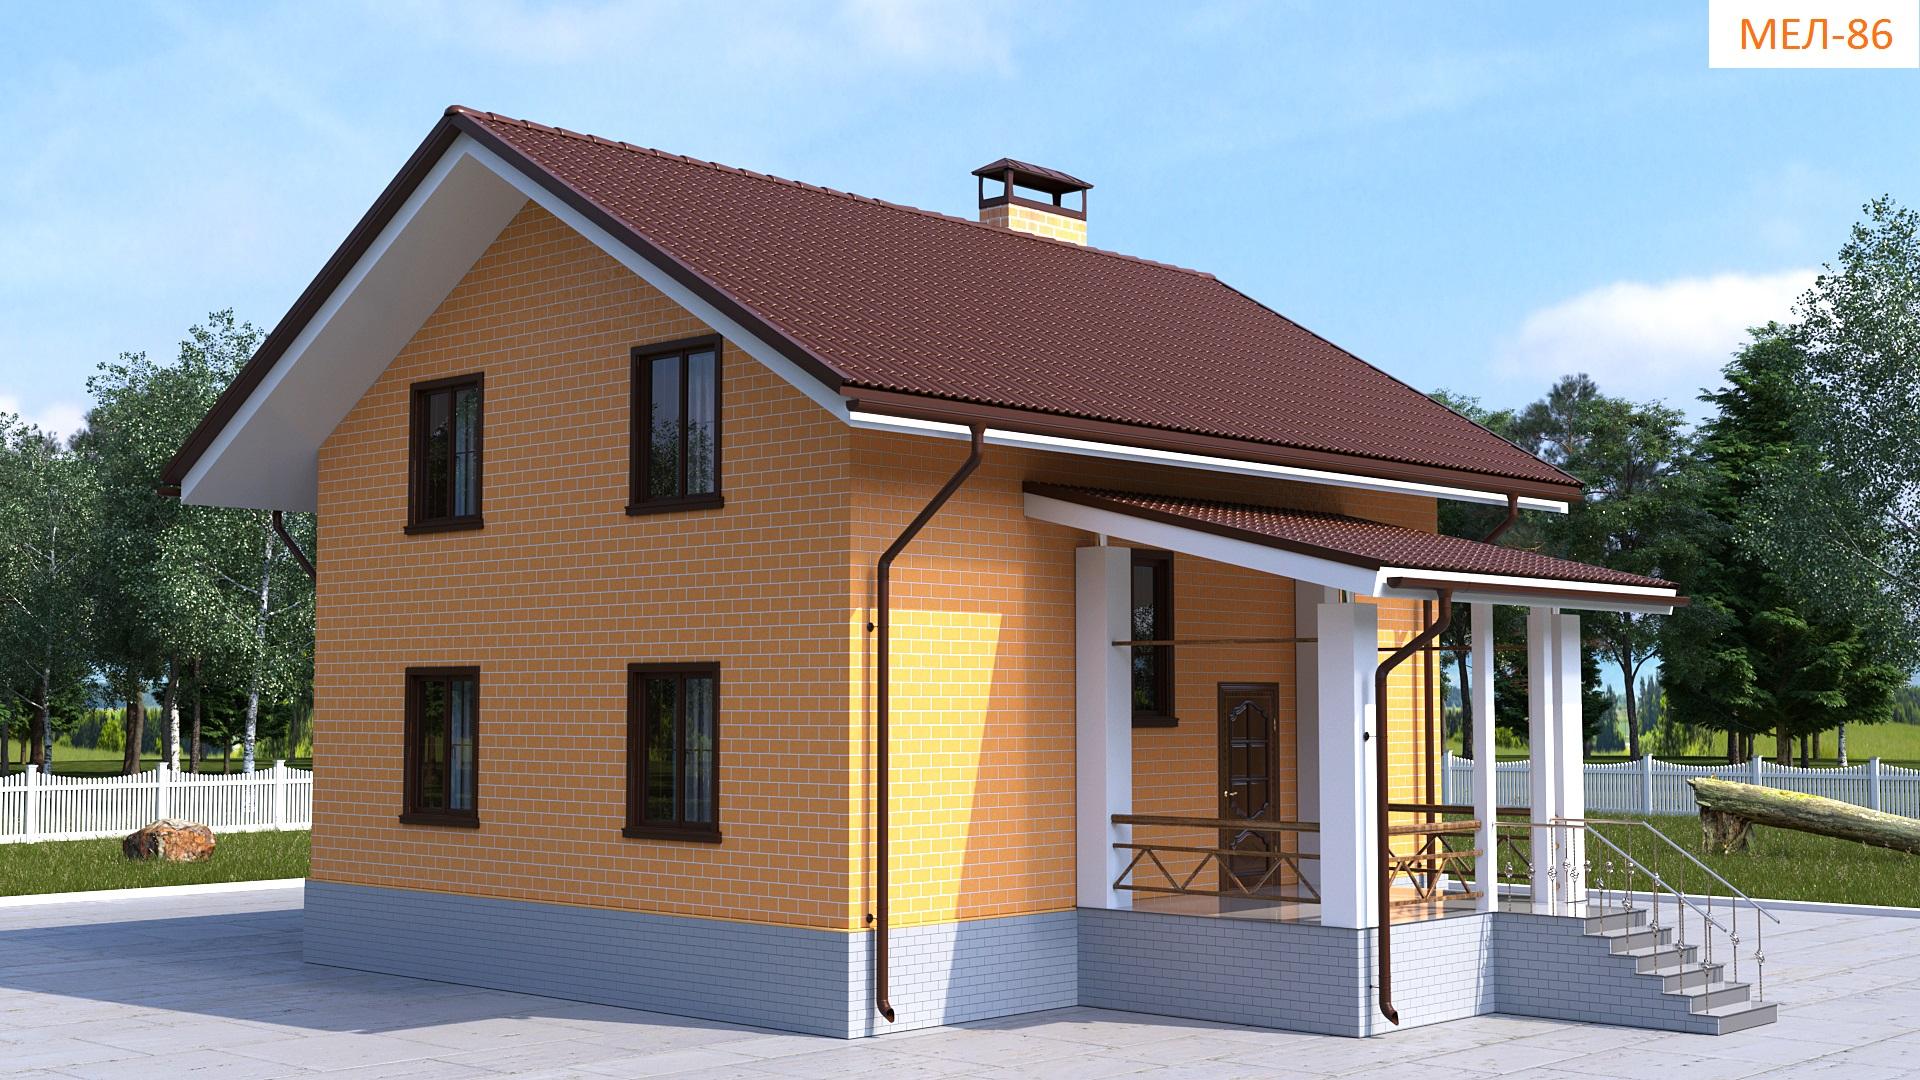 Готовый проект коттеджа 124 кв. м / Артикул Мел-86 фасад